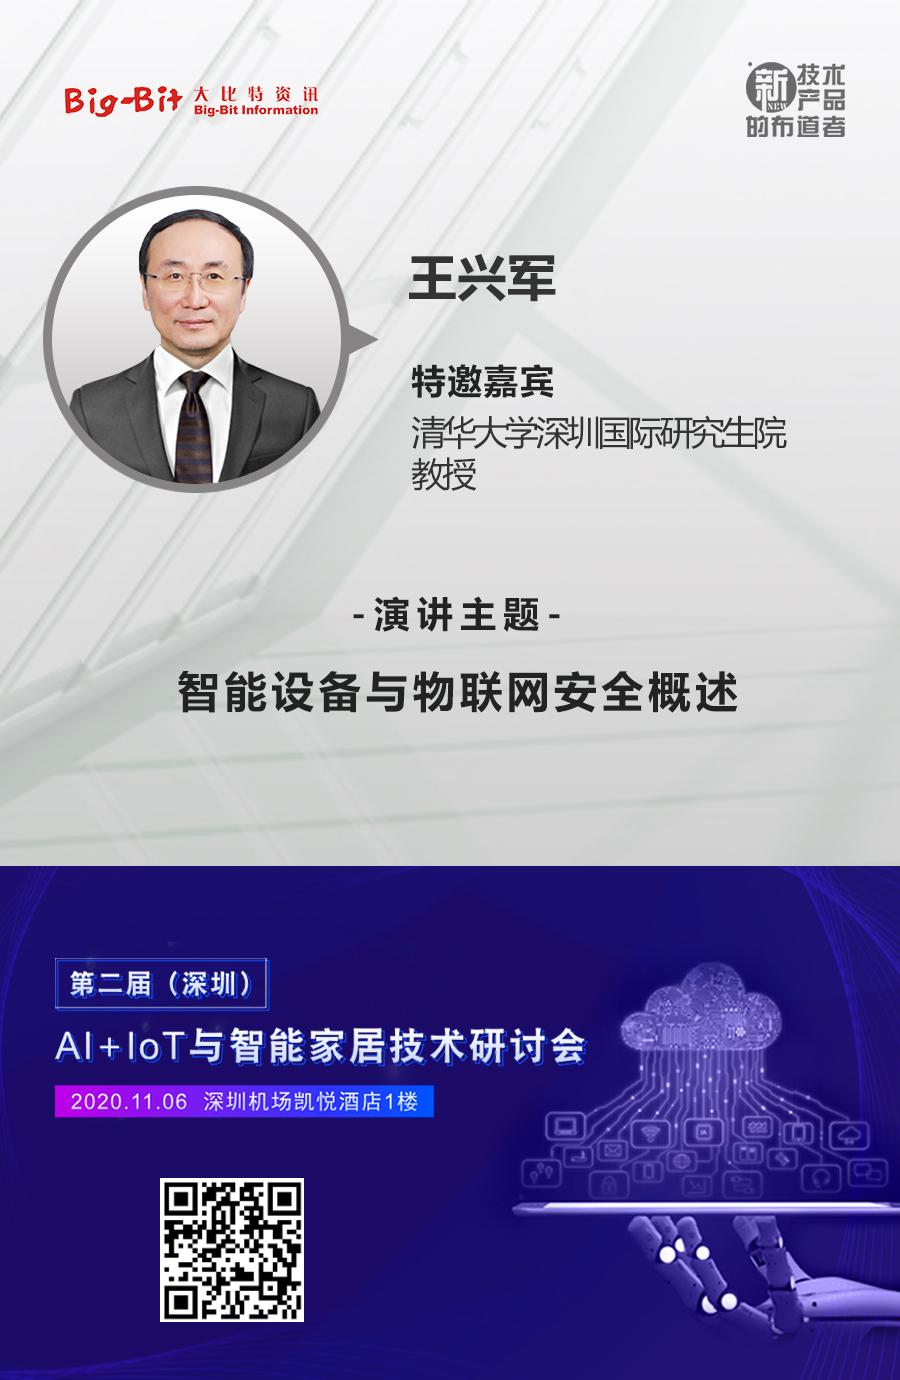 深圳AI+IoT与智能家居会议议程已出!